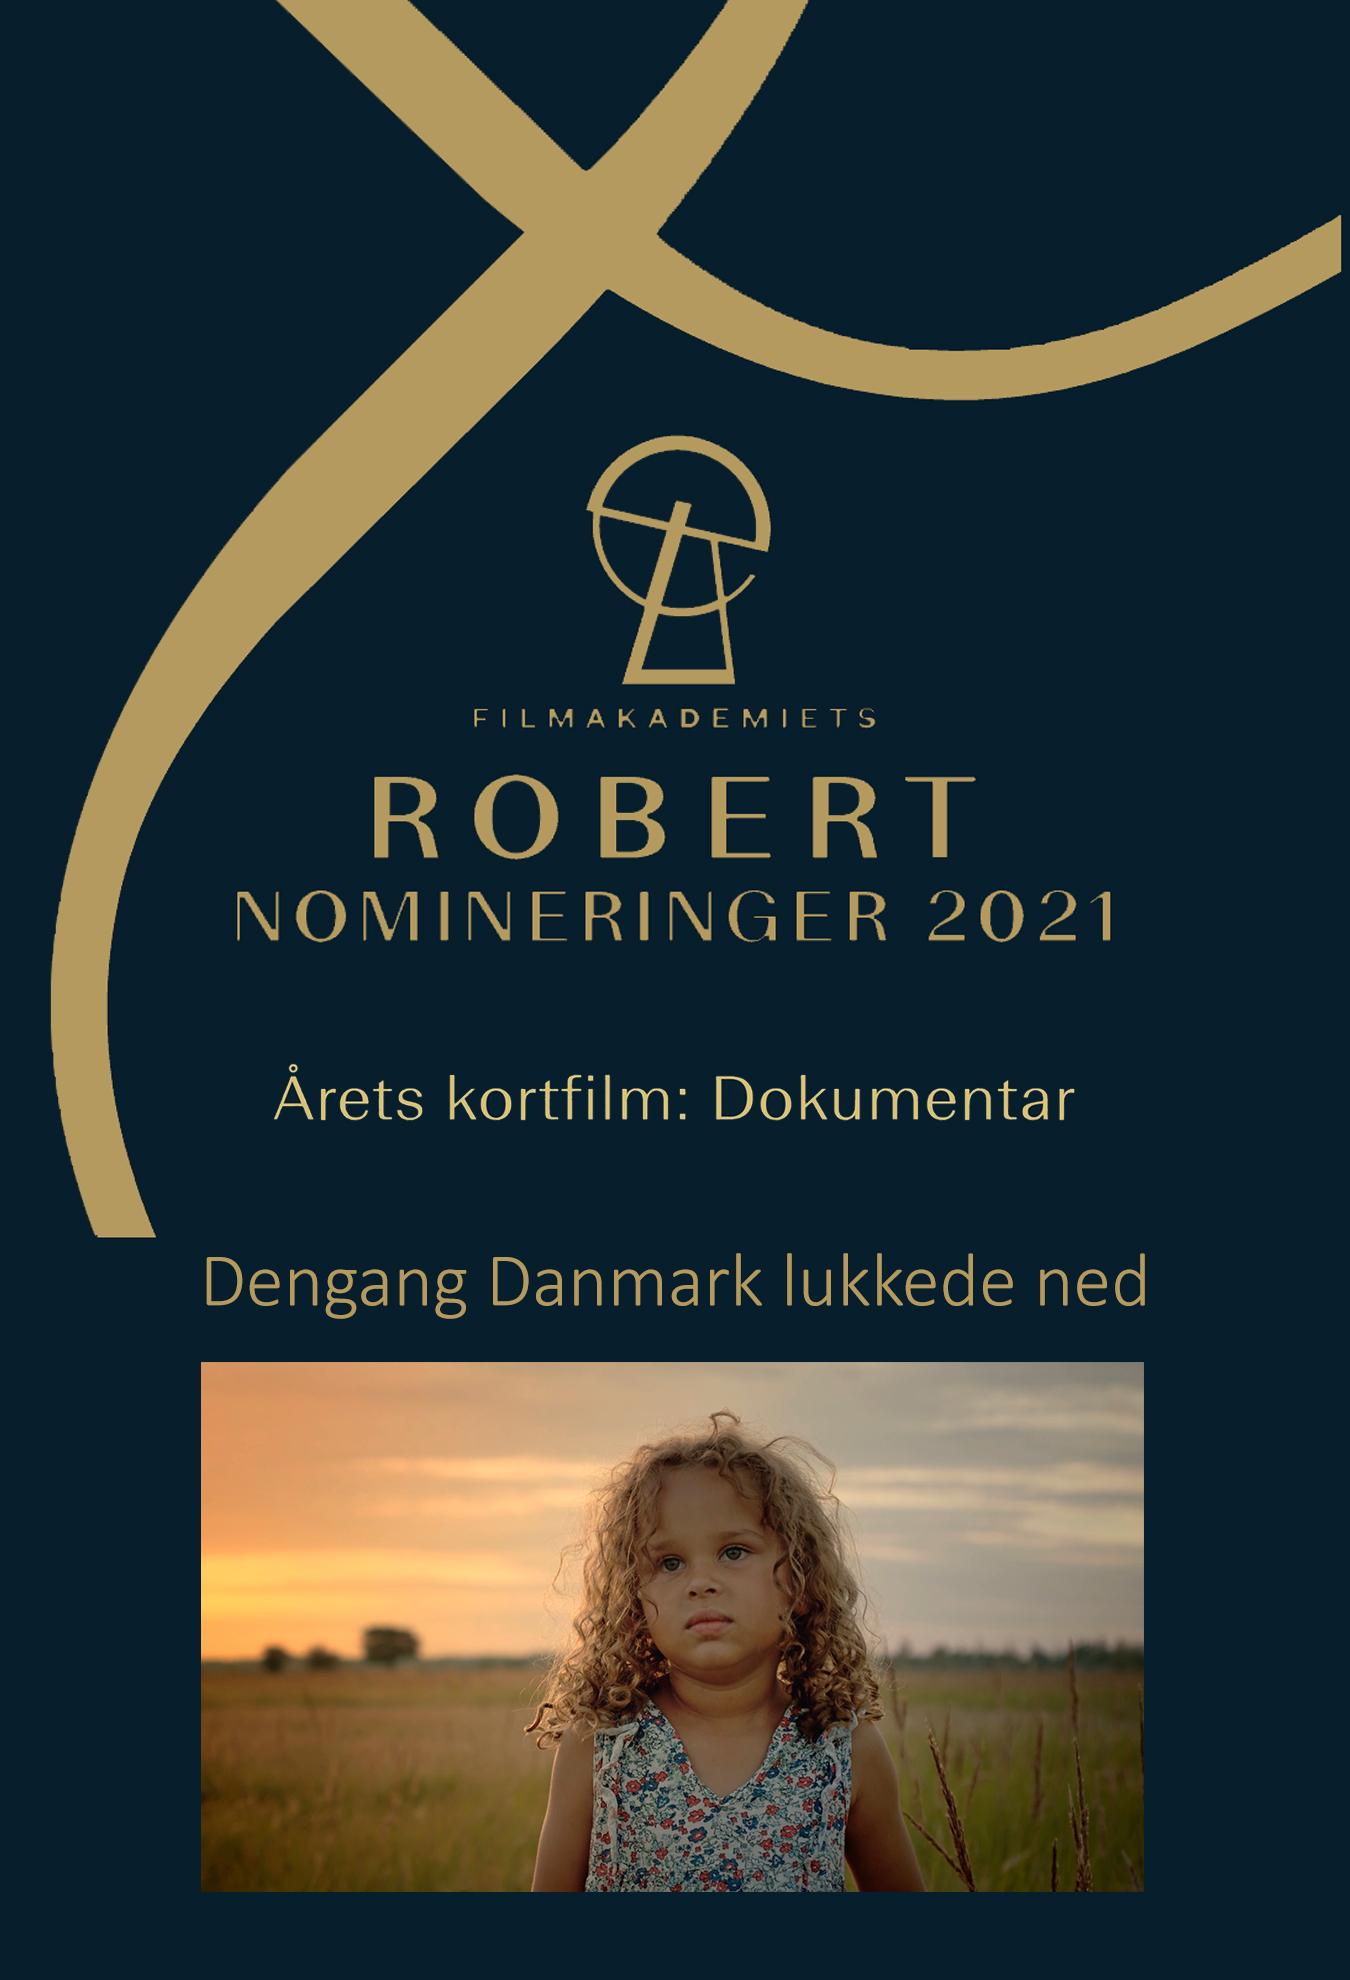 Robert Nominering